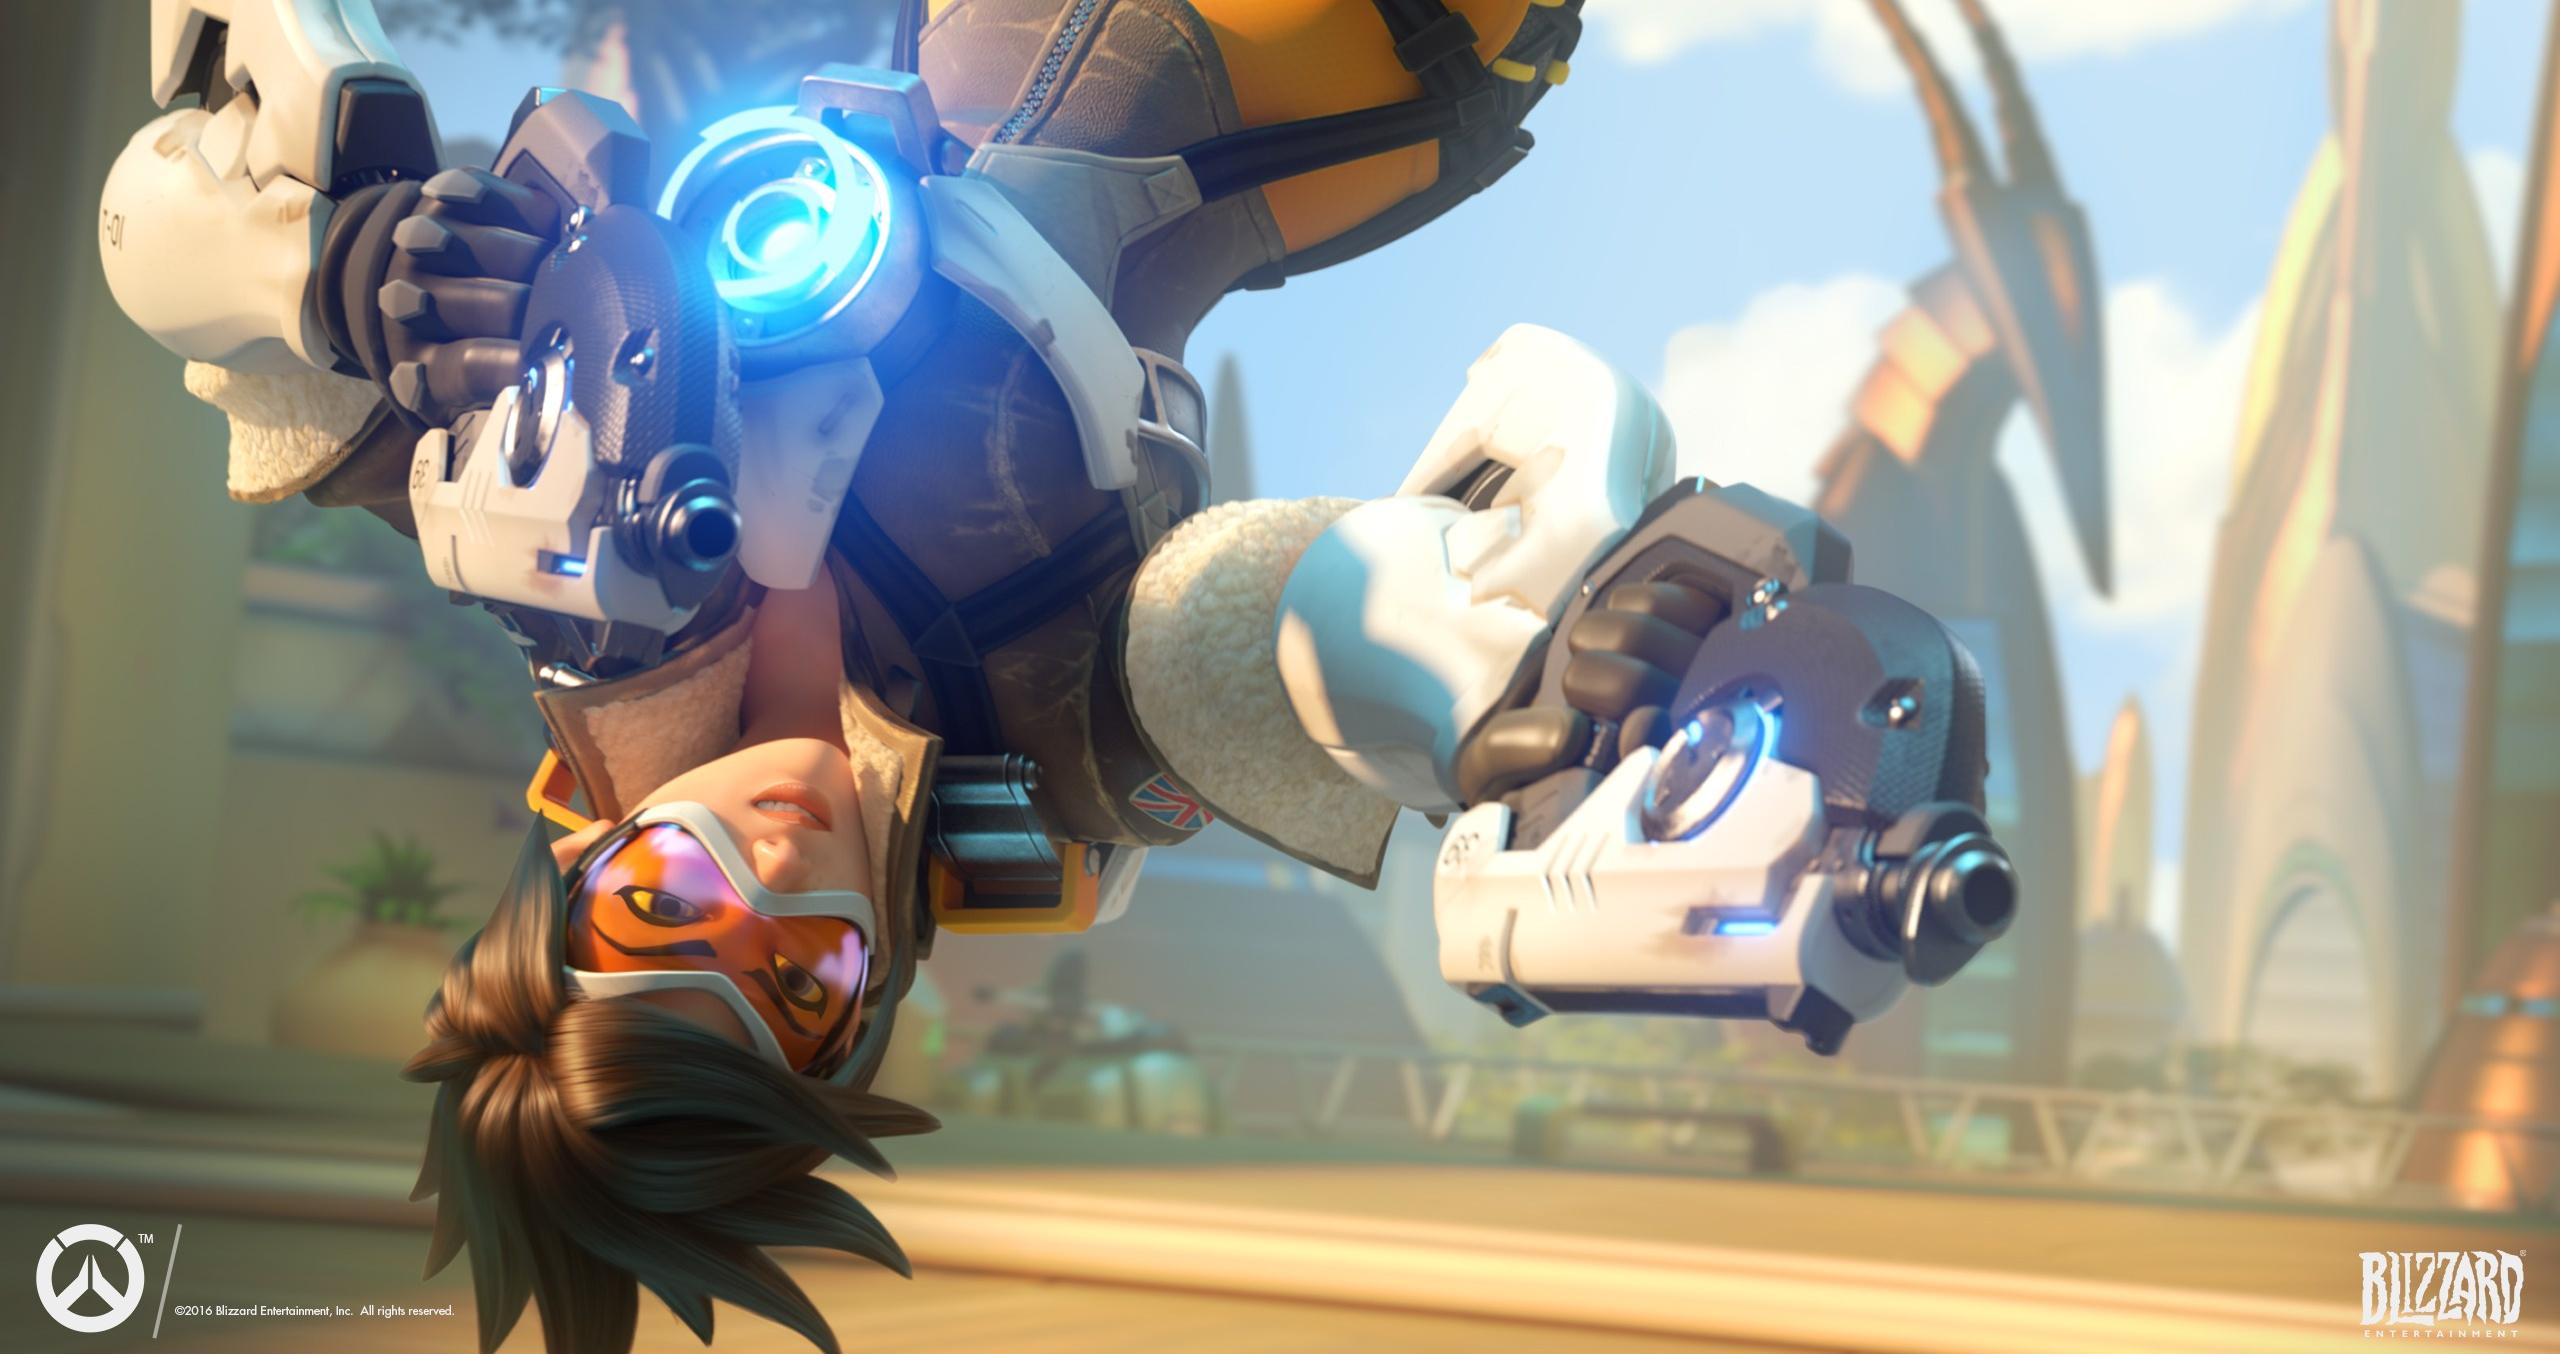 Equipe de Overwatch diz que a Nintendo os incentivou no uso dos controles de movimento, discutem a falta do cross-play e cross-progression